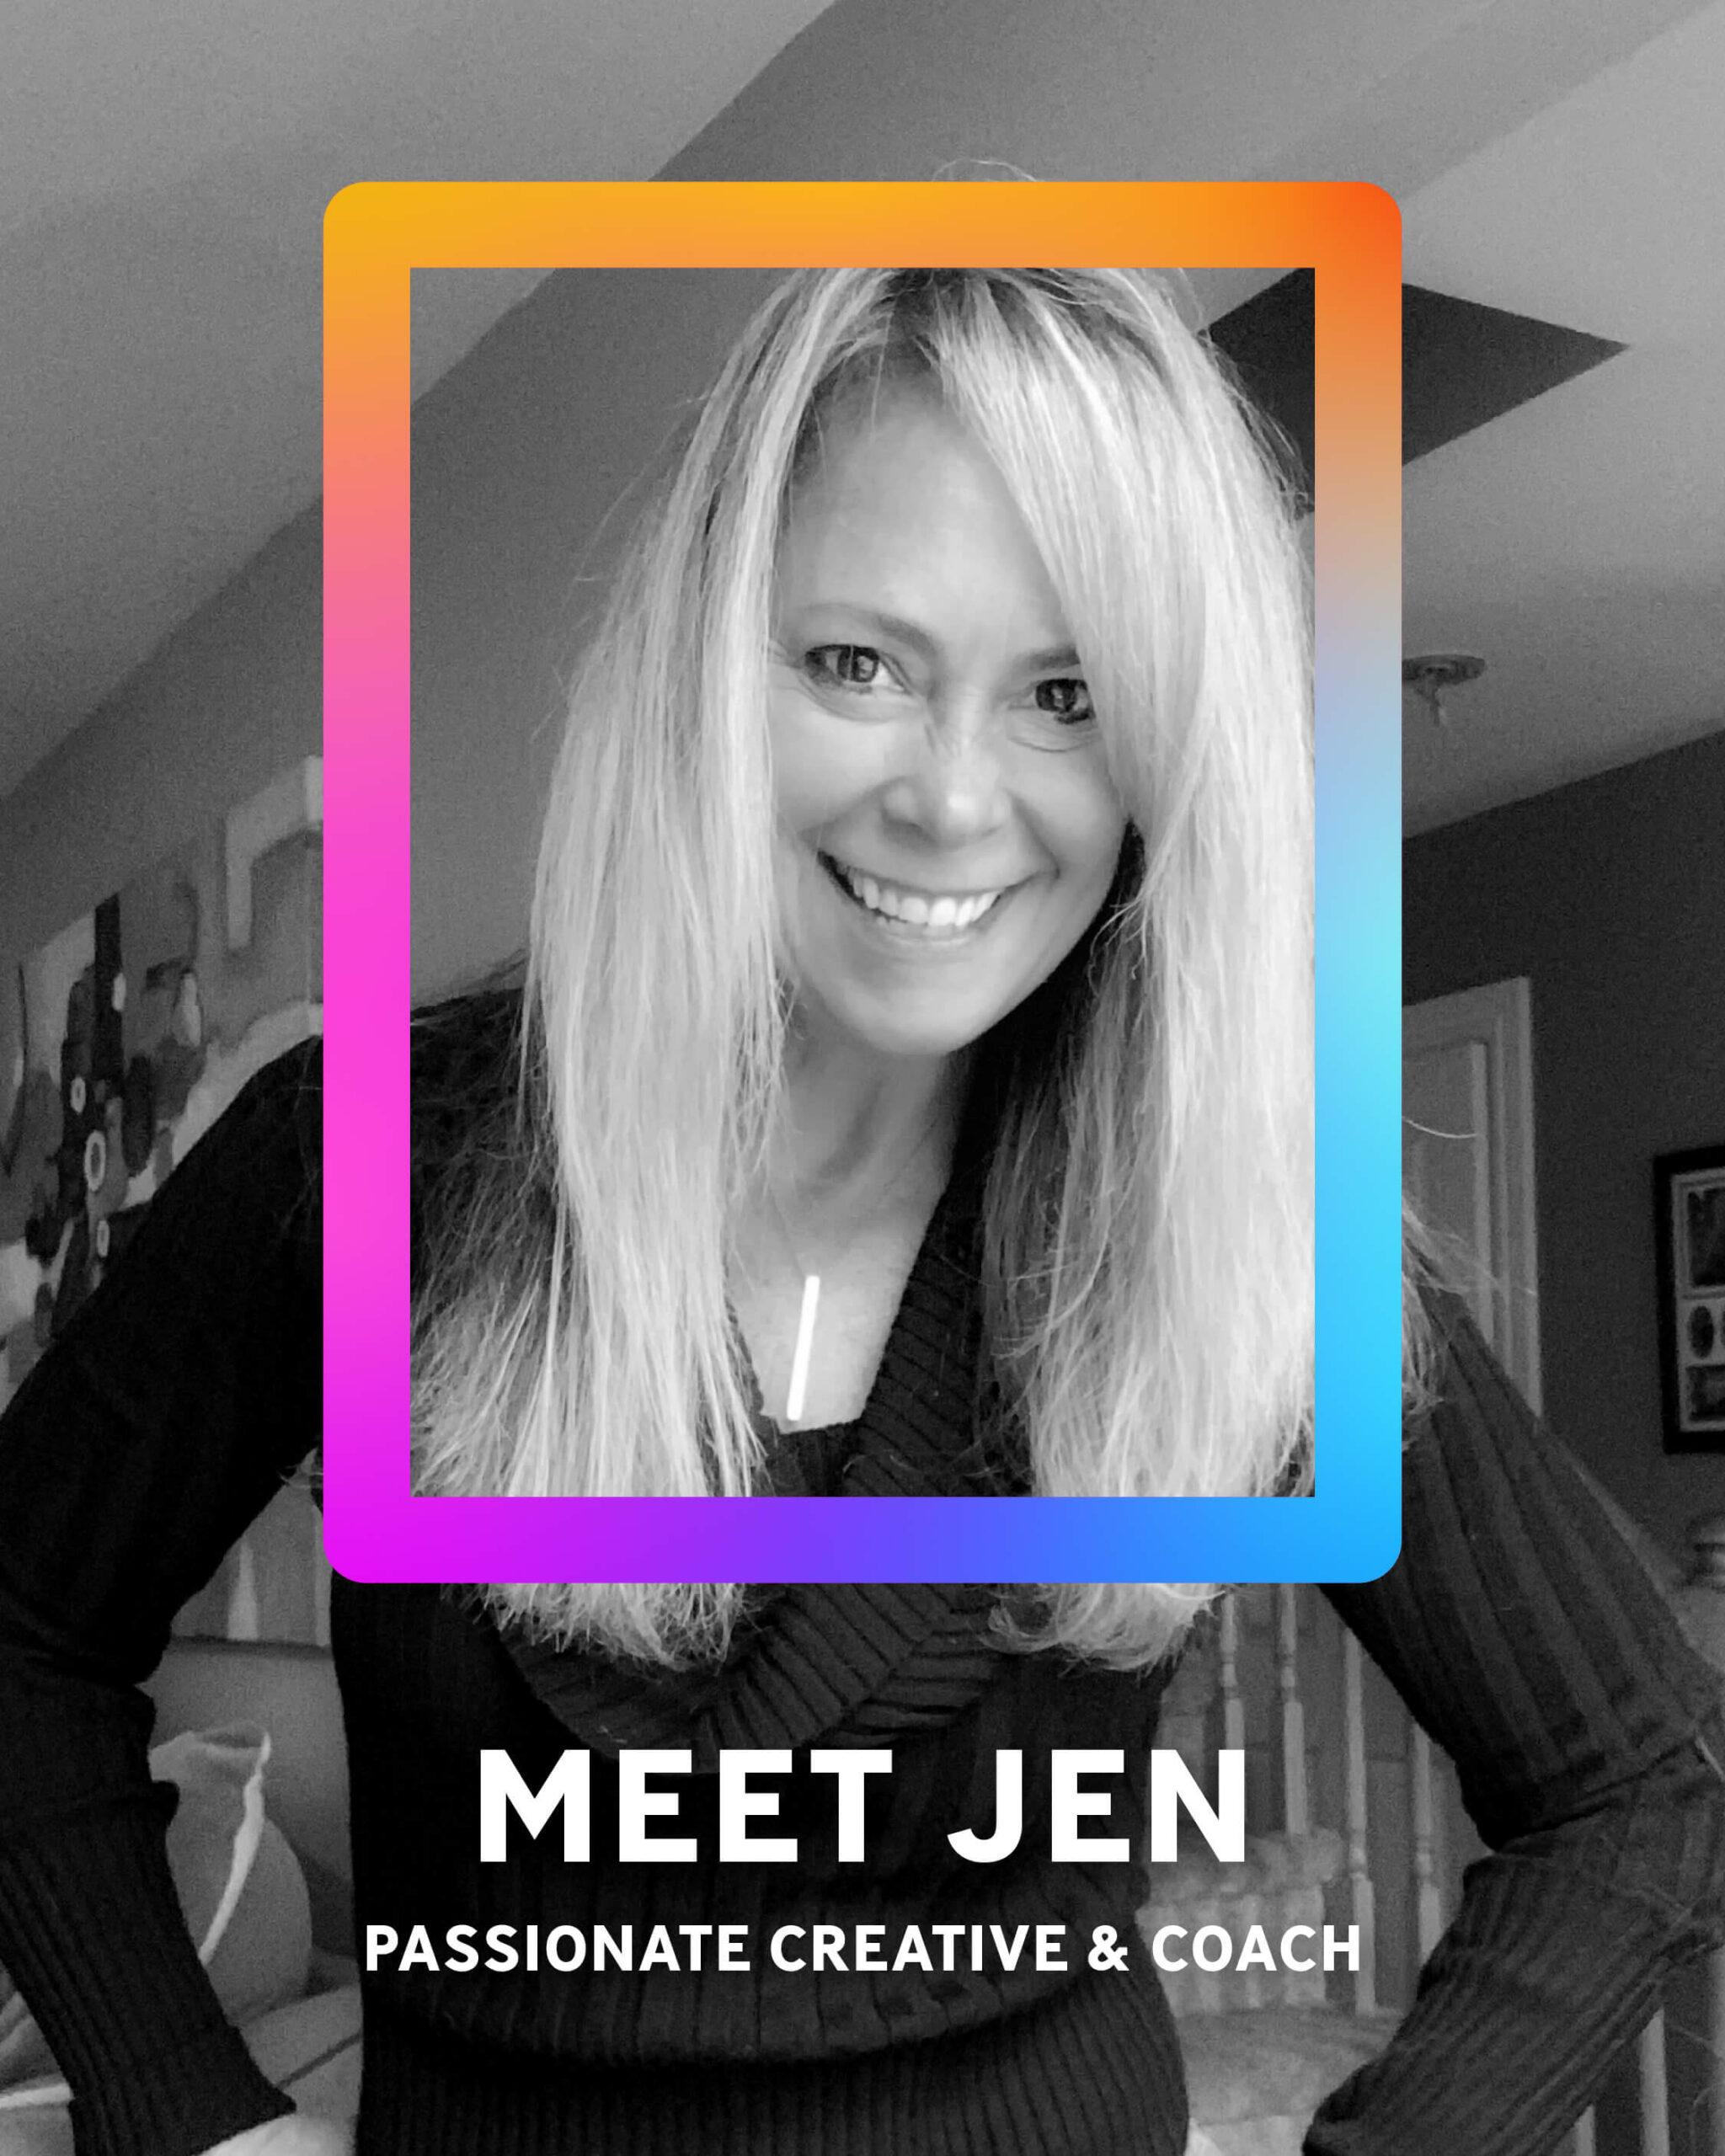 MIXX_25th_GrowthAgents_Social_Media_Jennifer